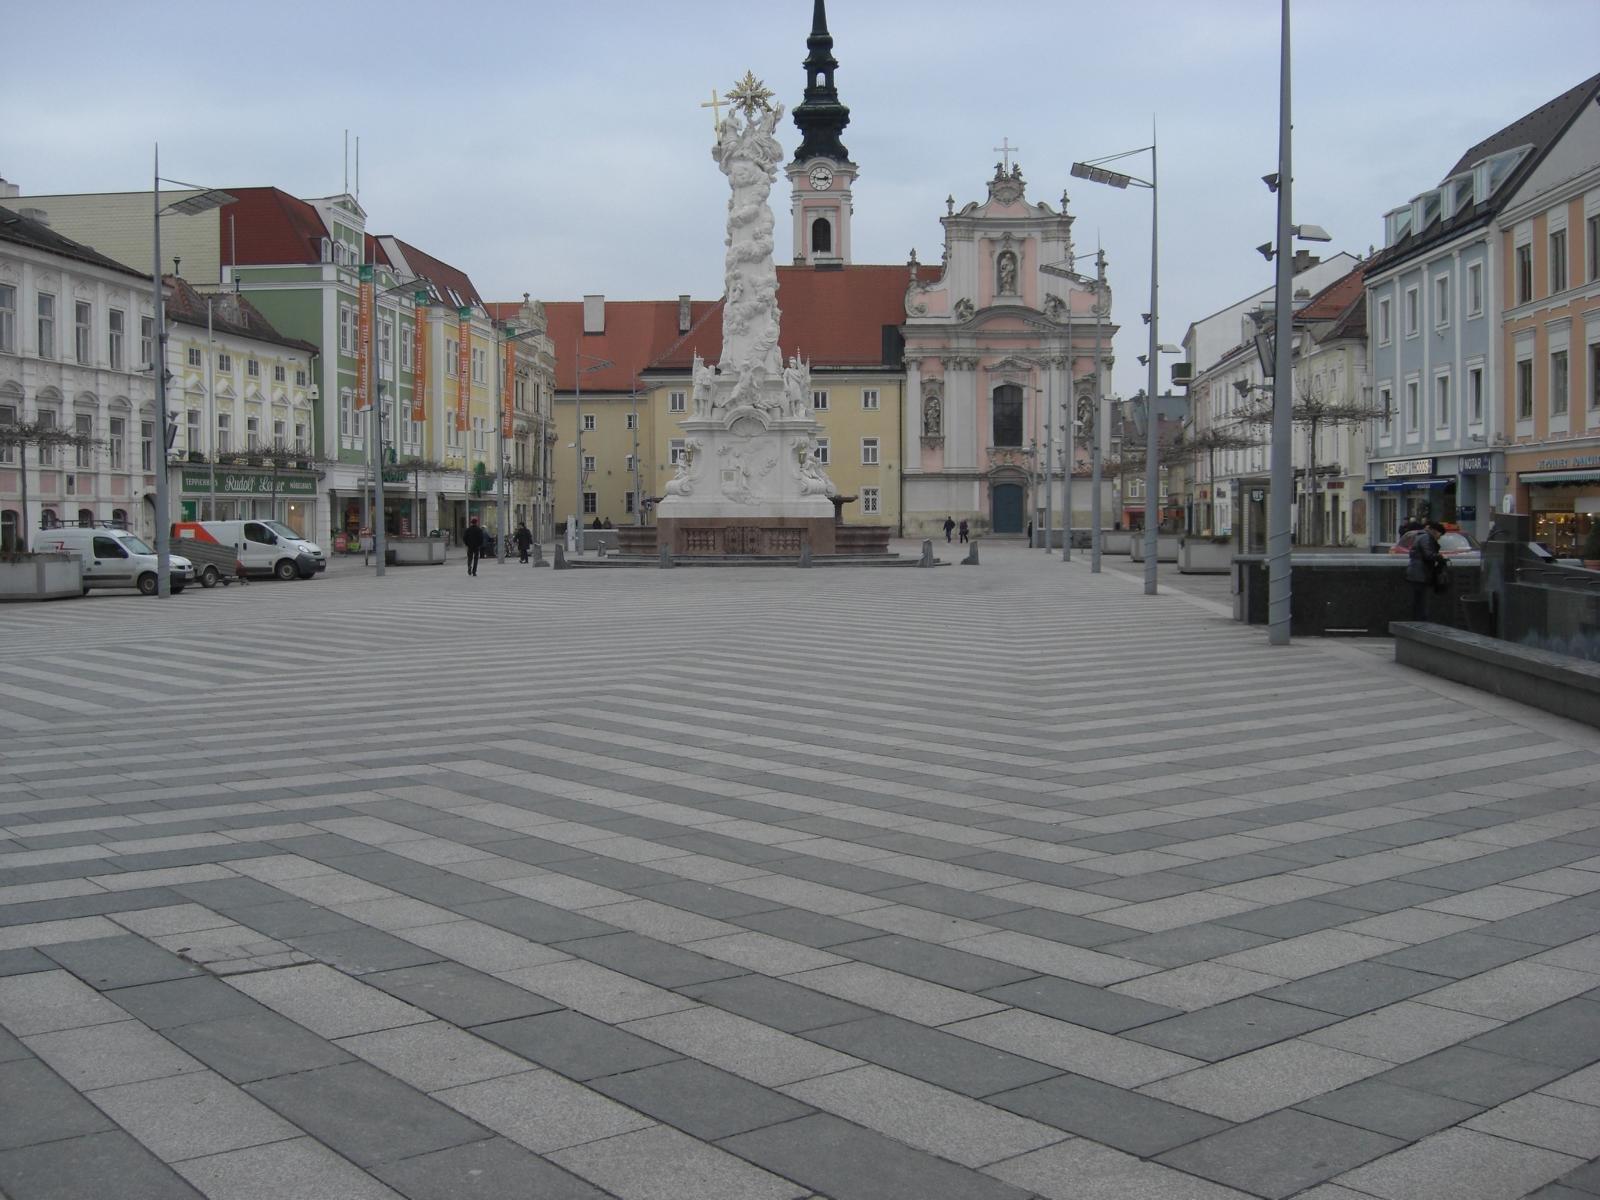 Sankt Pölten Rathausplatz1